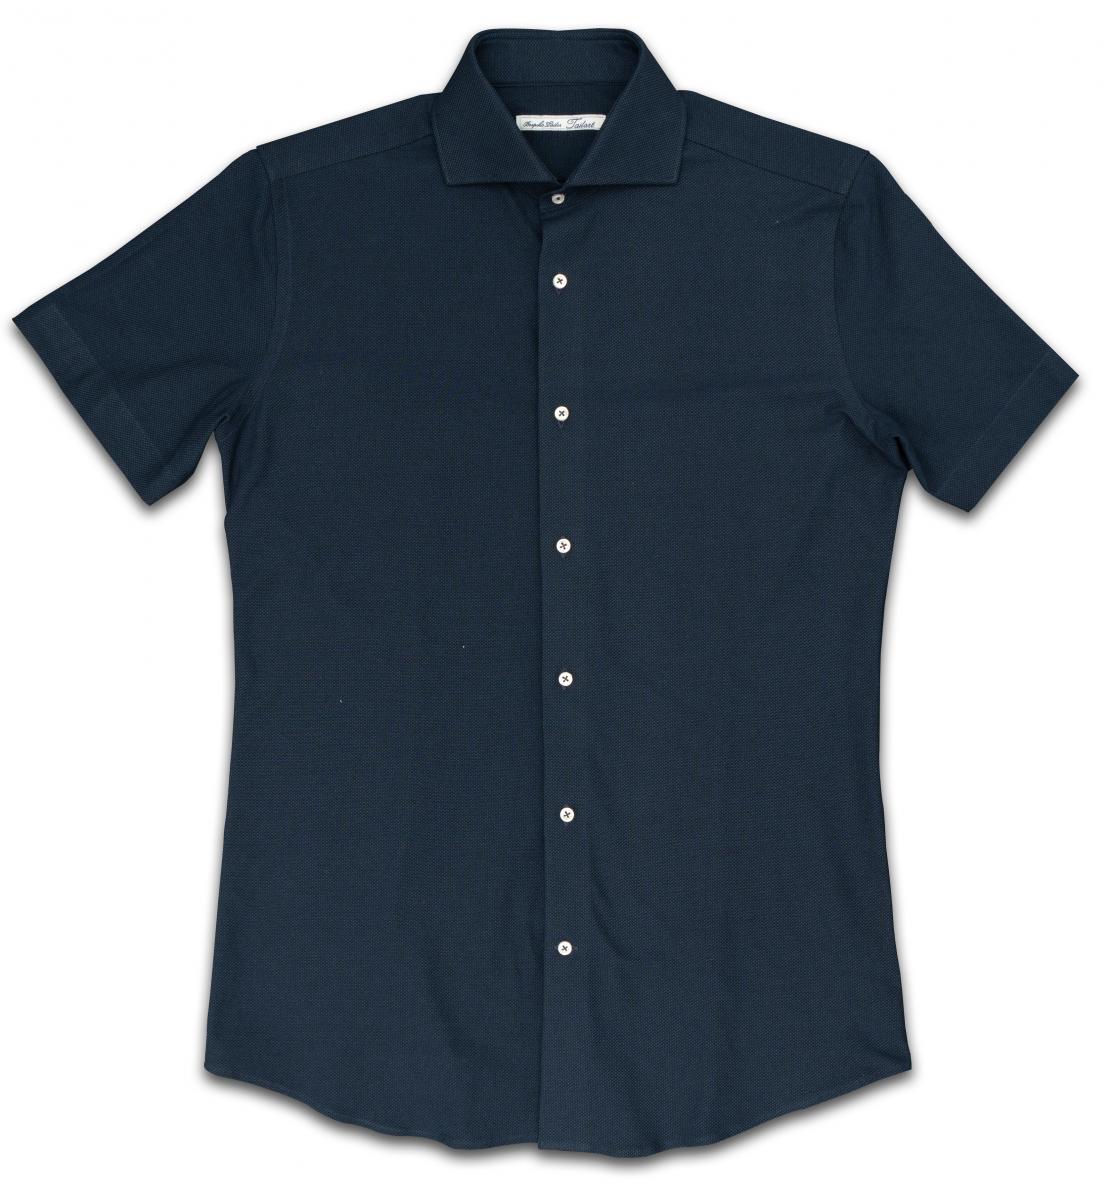 [オーダーシャツ]深みのあるネイビーが印象的な一枚